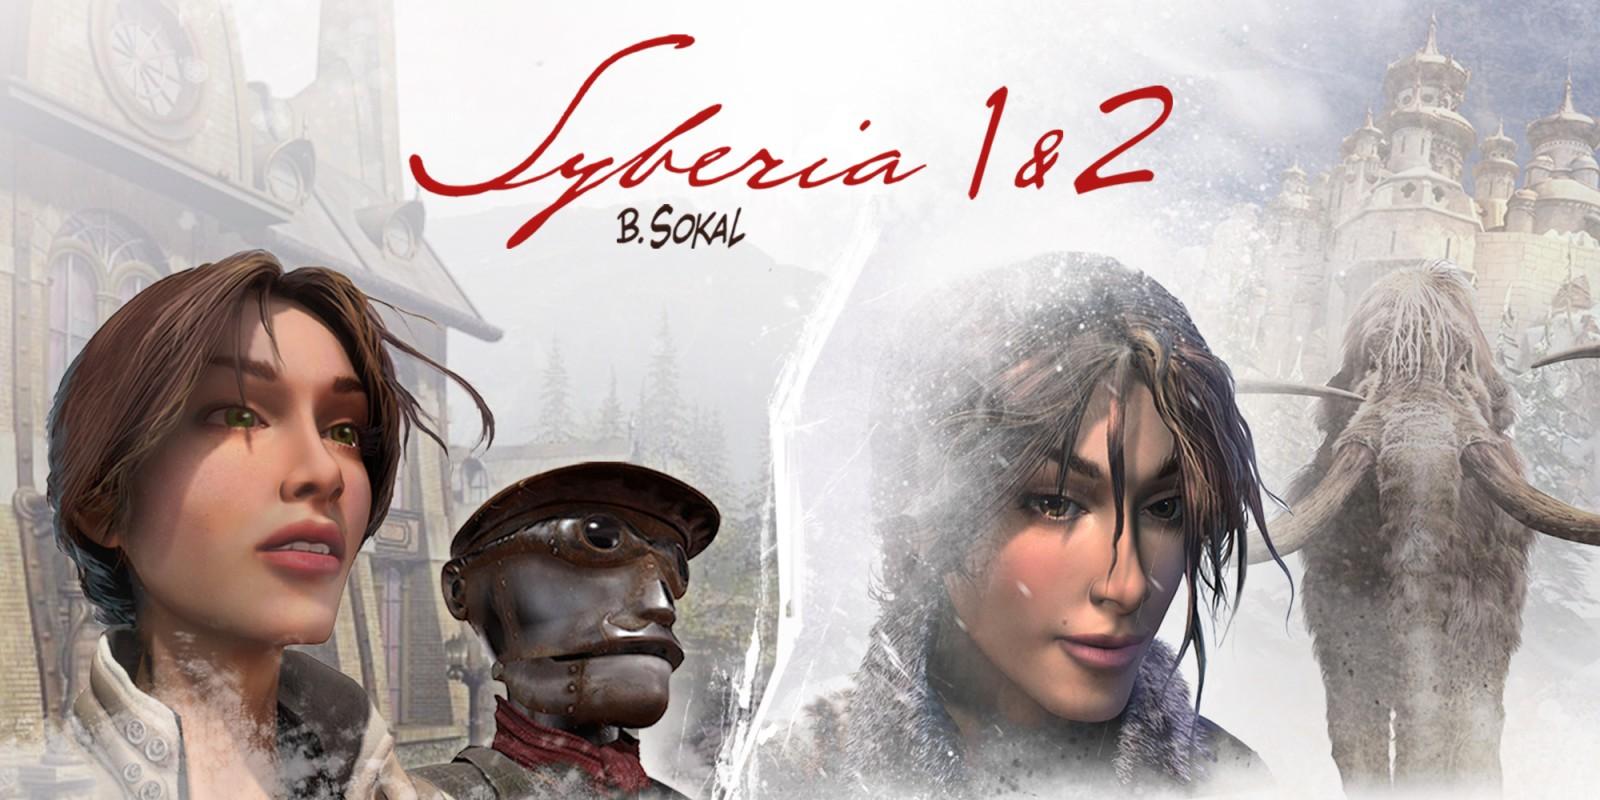 Syberia on gog. Com.